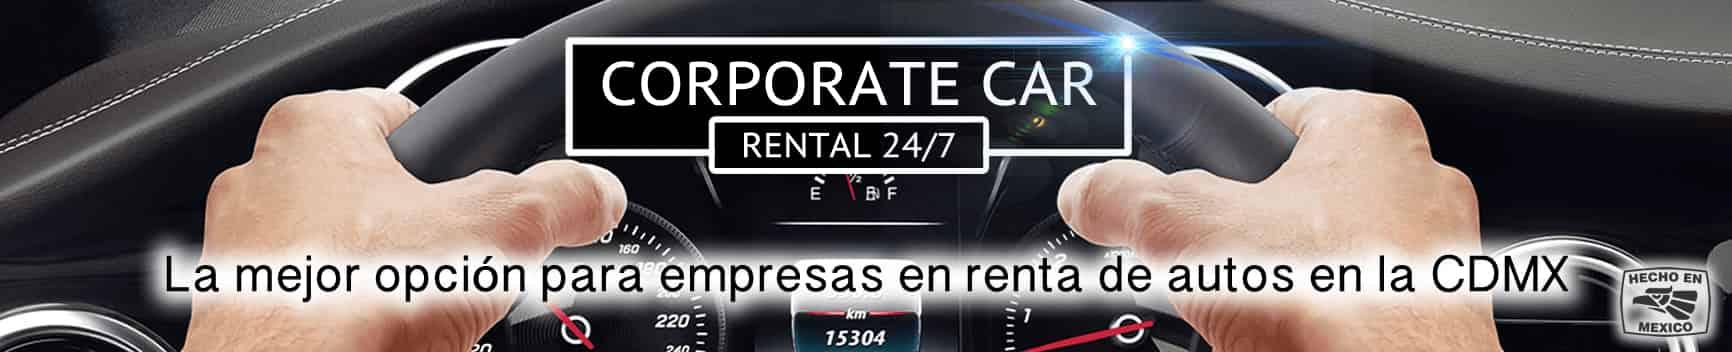 Corporate car renta de vehiculos ejecutivos - Coches de alquiler por meses ...